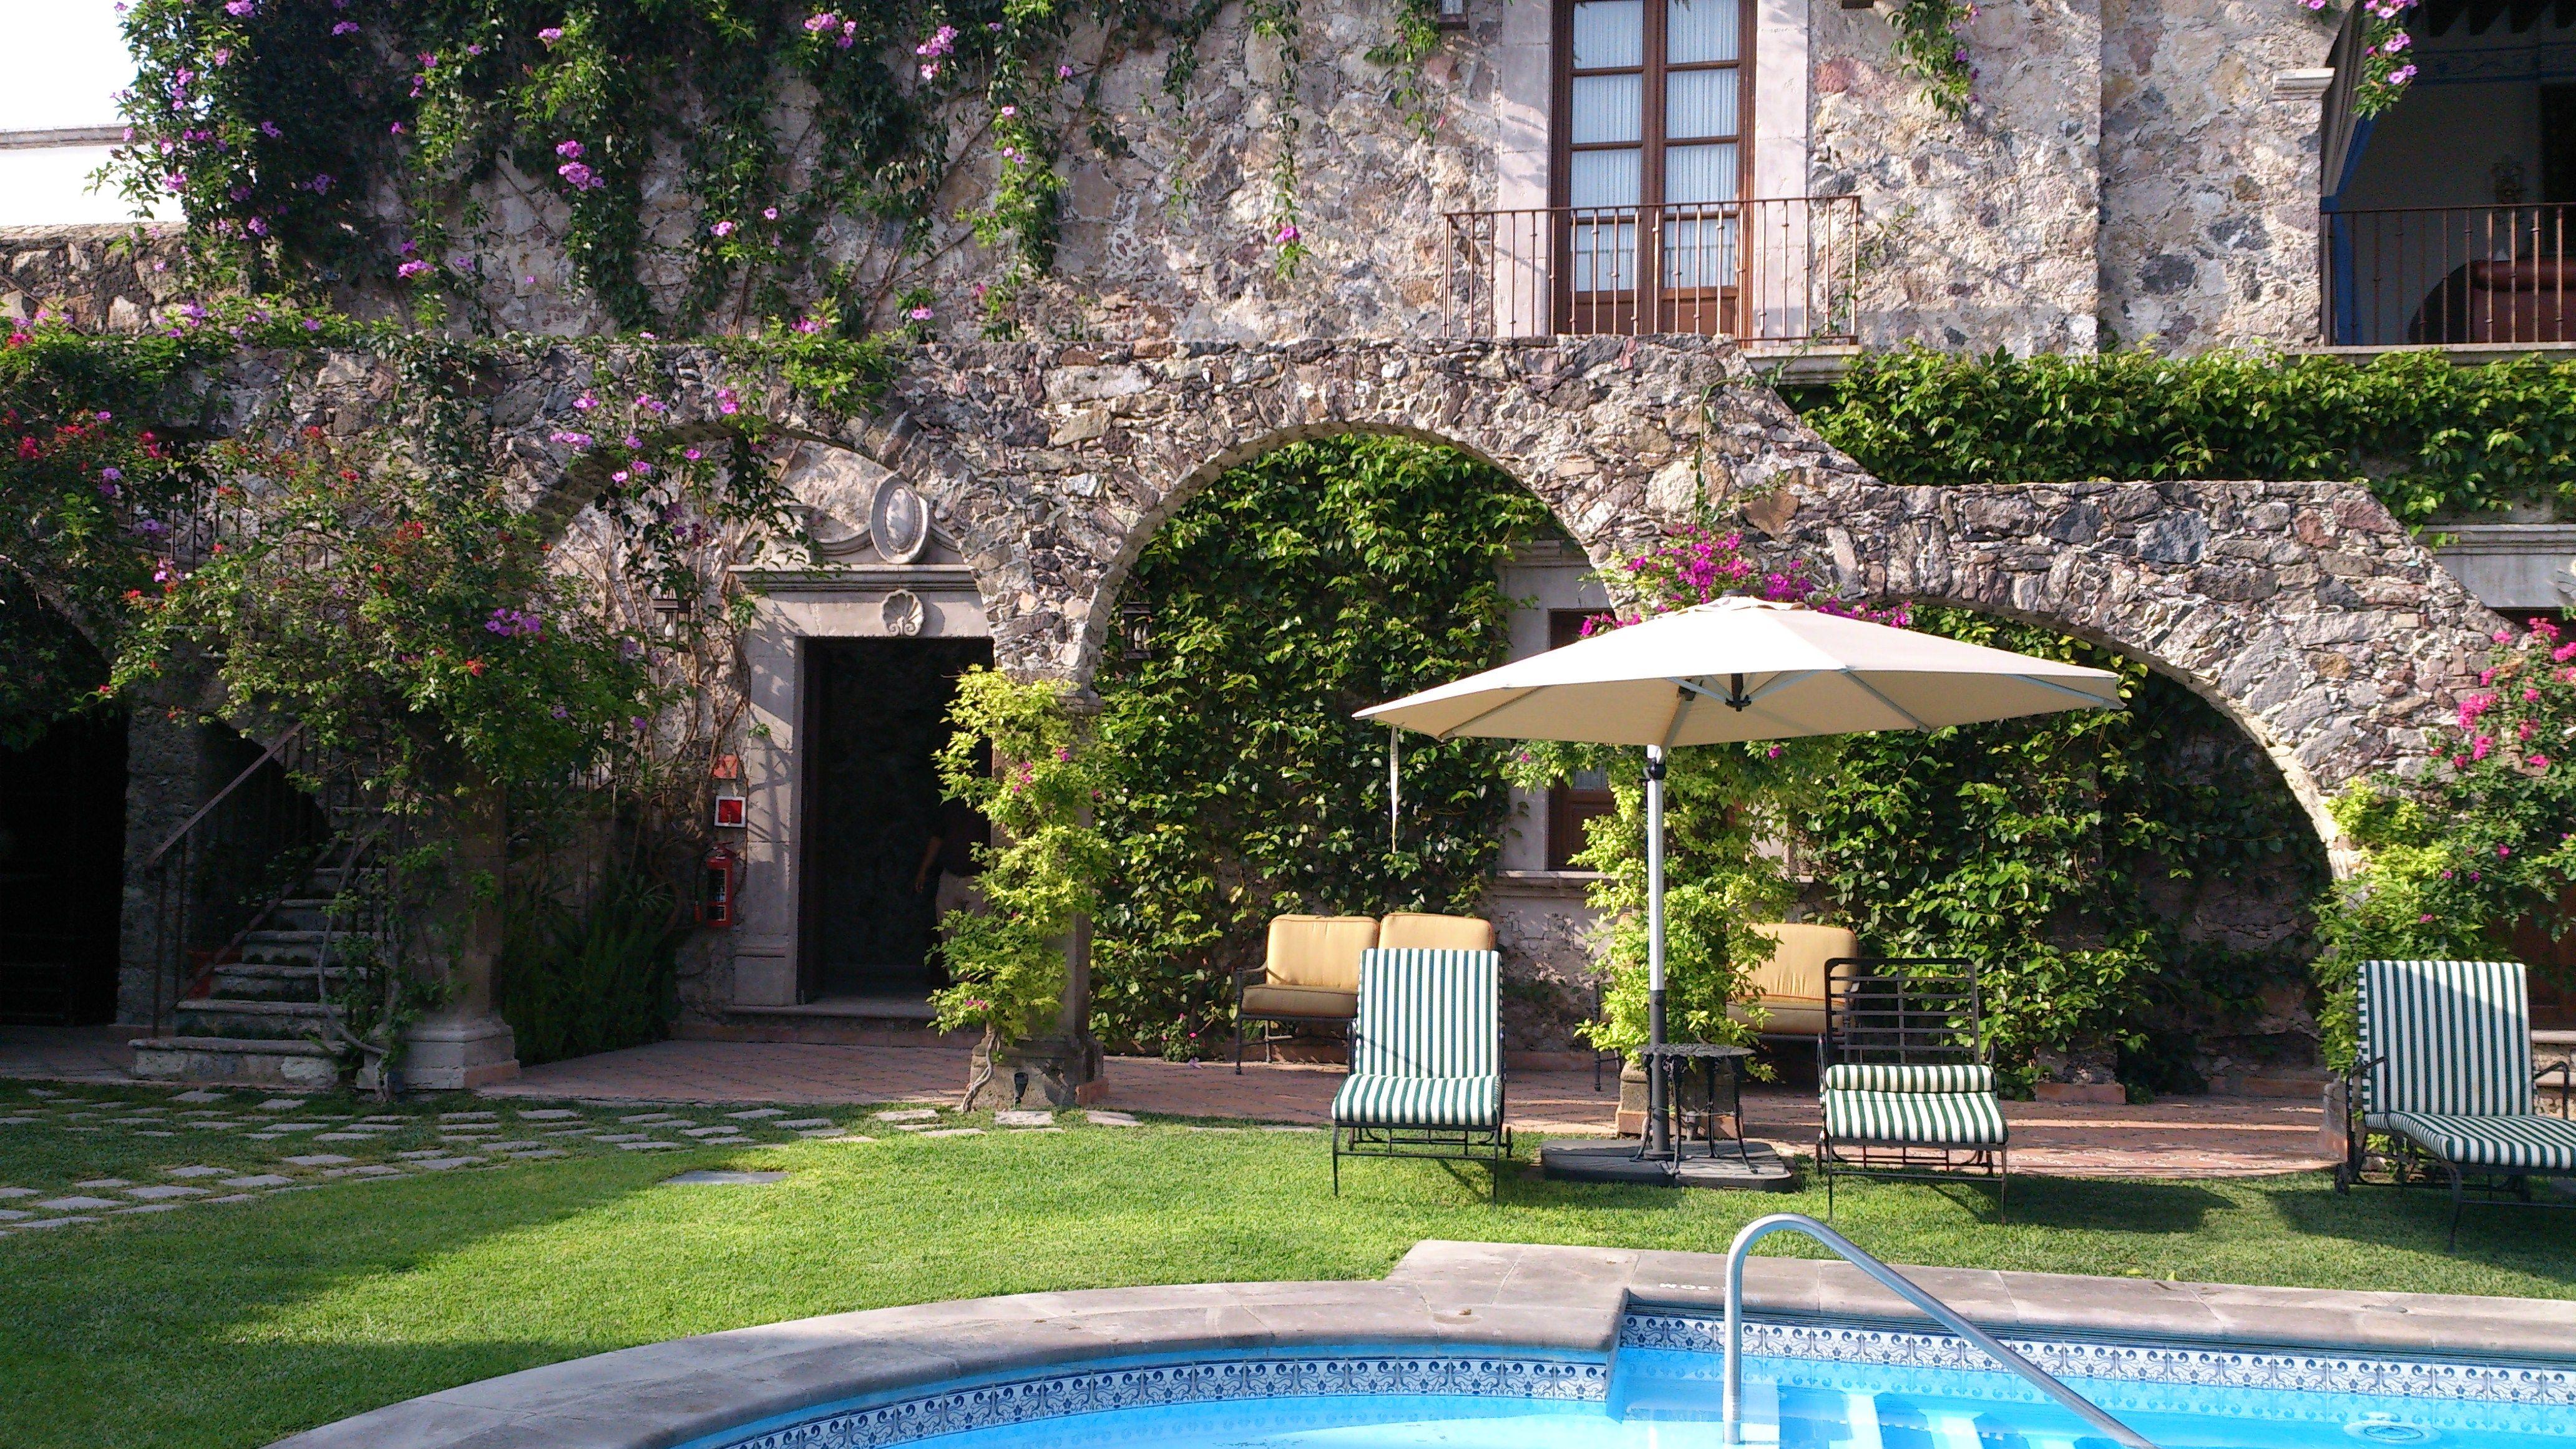 Hotel Casa Sierra Nevada, San Miguel de Allende, Gto.